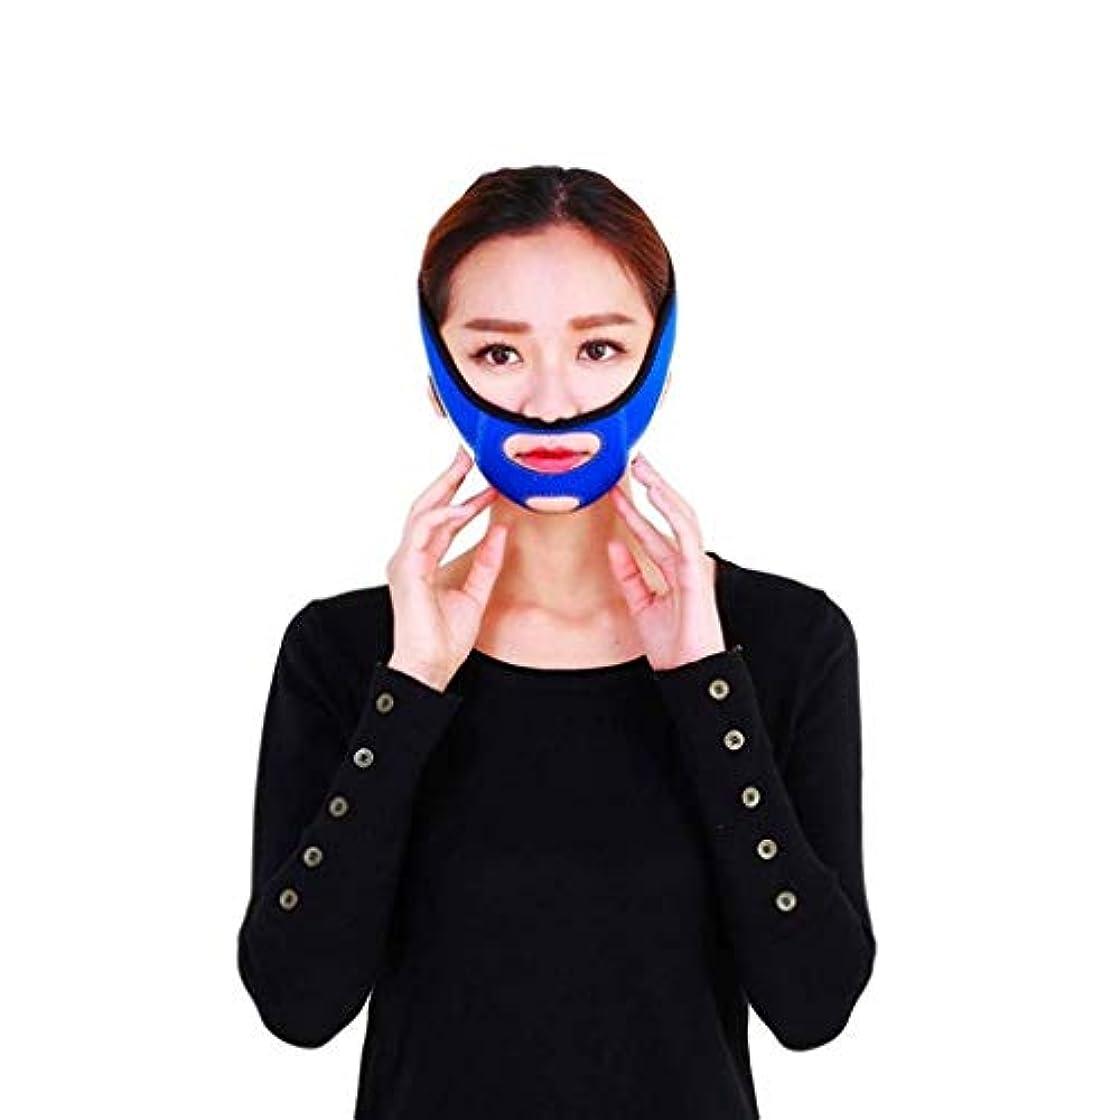 柔らかい足協力関係ないVフェイスラインベルトチンチークスリムリフトアップアンチリンクルマスク超薄型ストラップバンドVフェイスラインベルトストラップバンド通気性